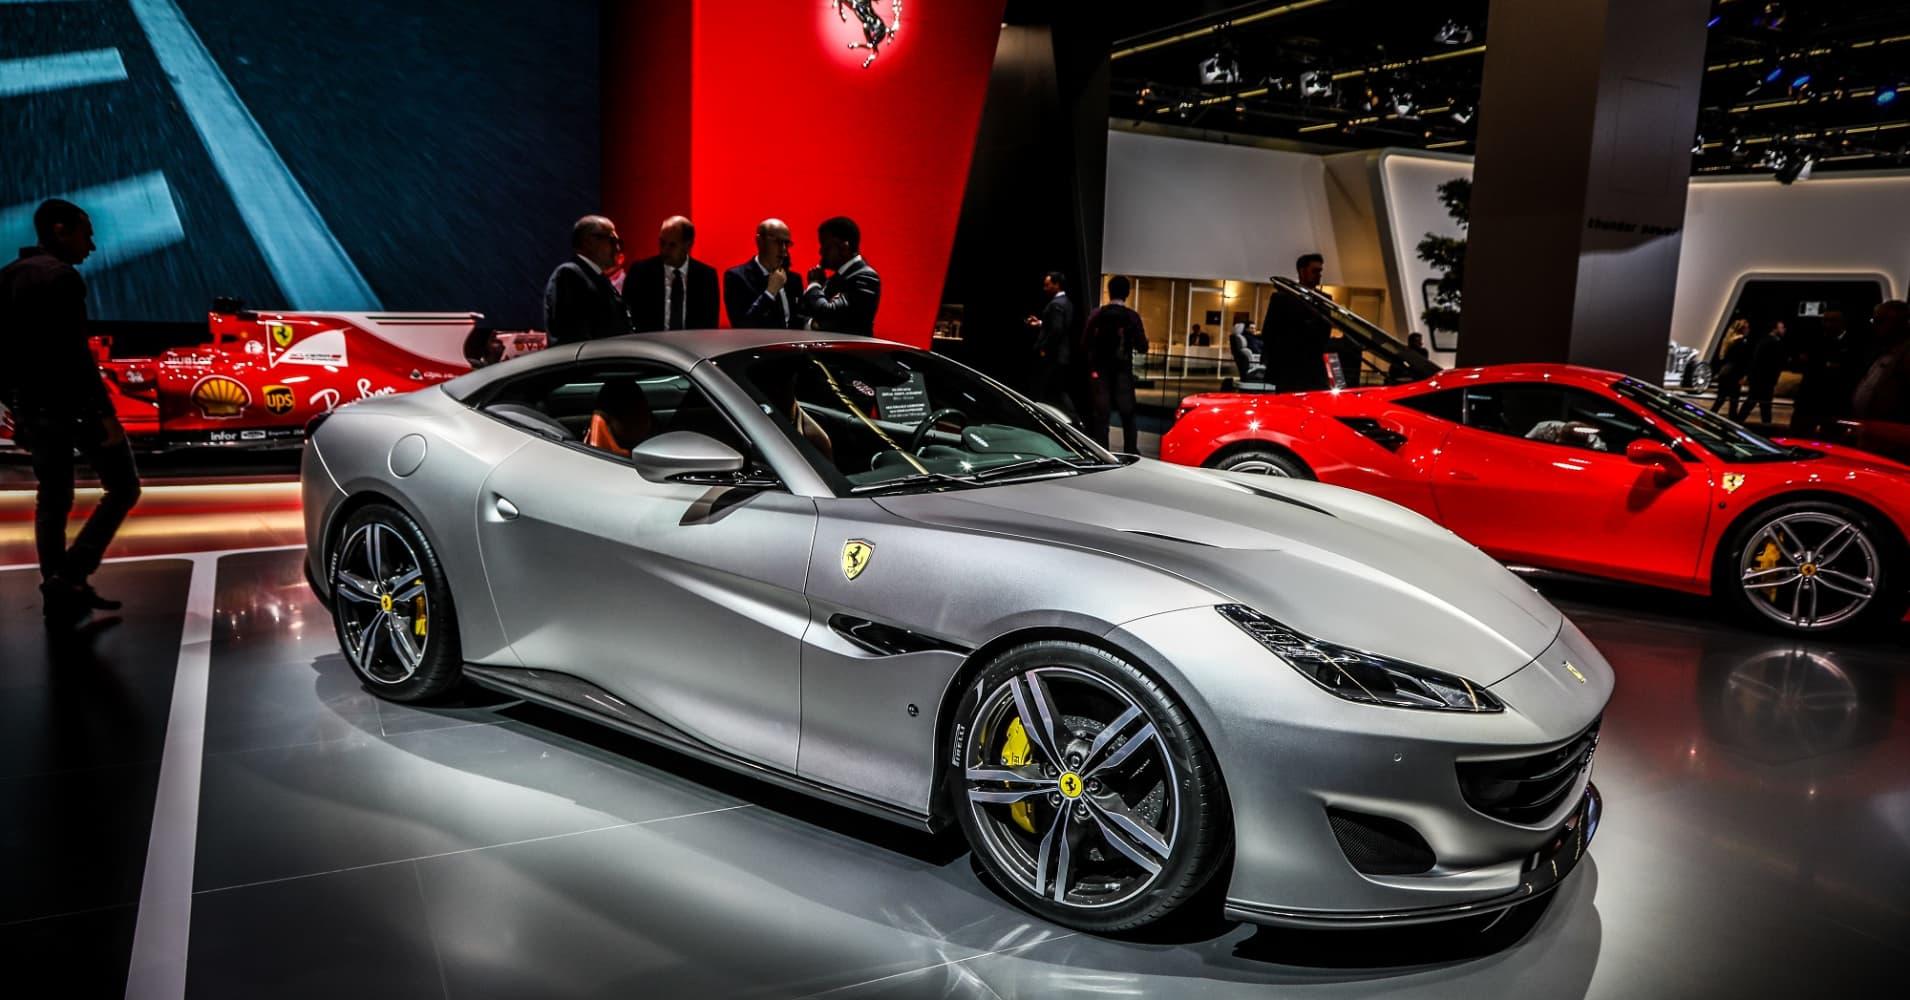 The Ferrari Portofino